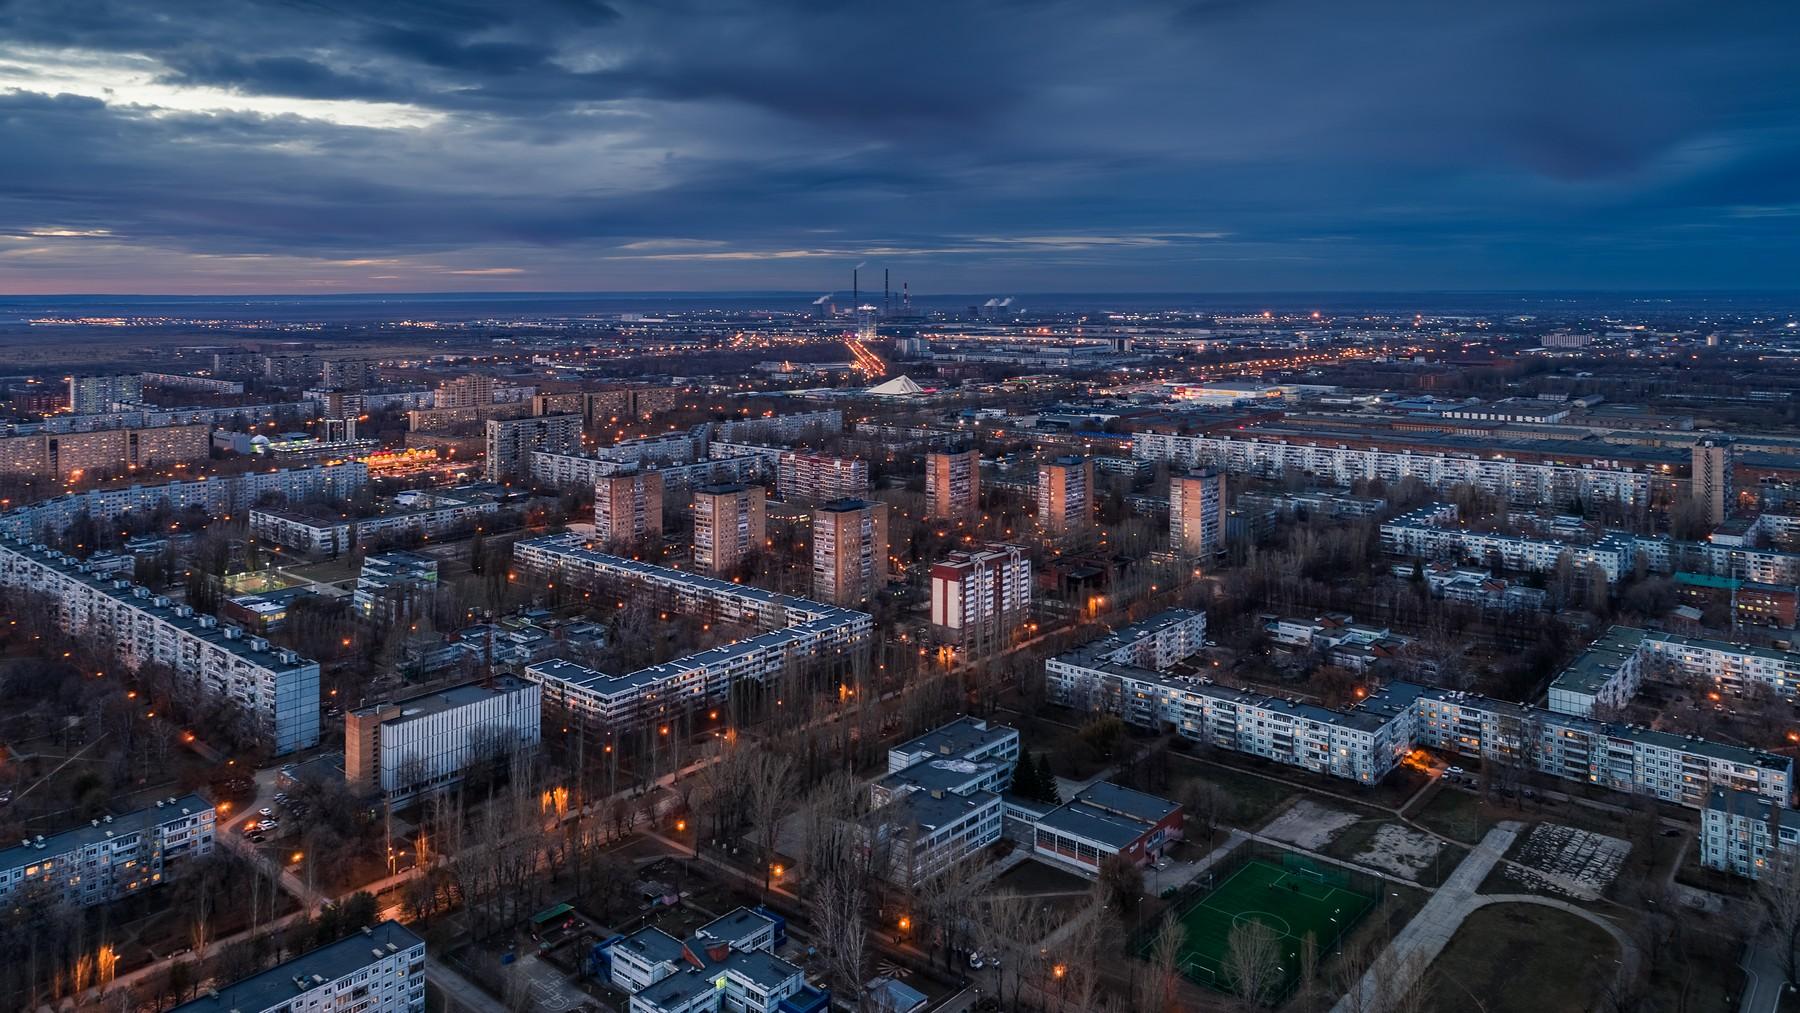 Фото микрорайон просторный г новосибирска доску